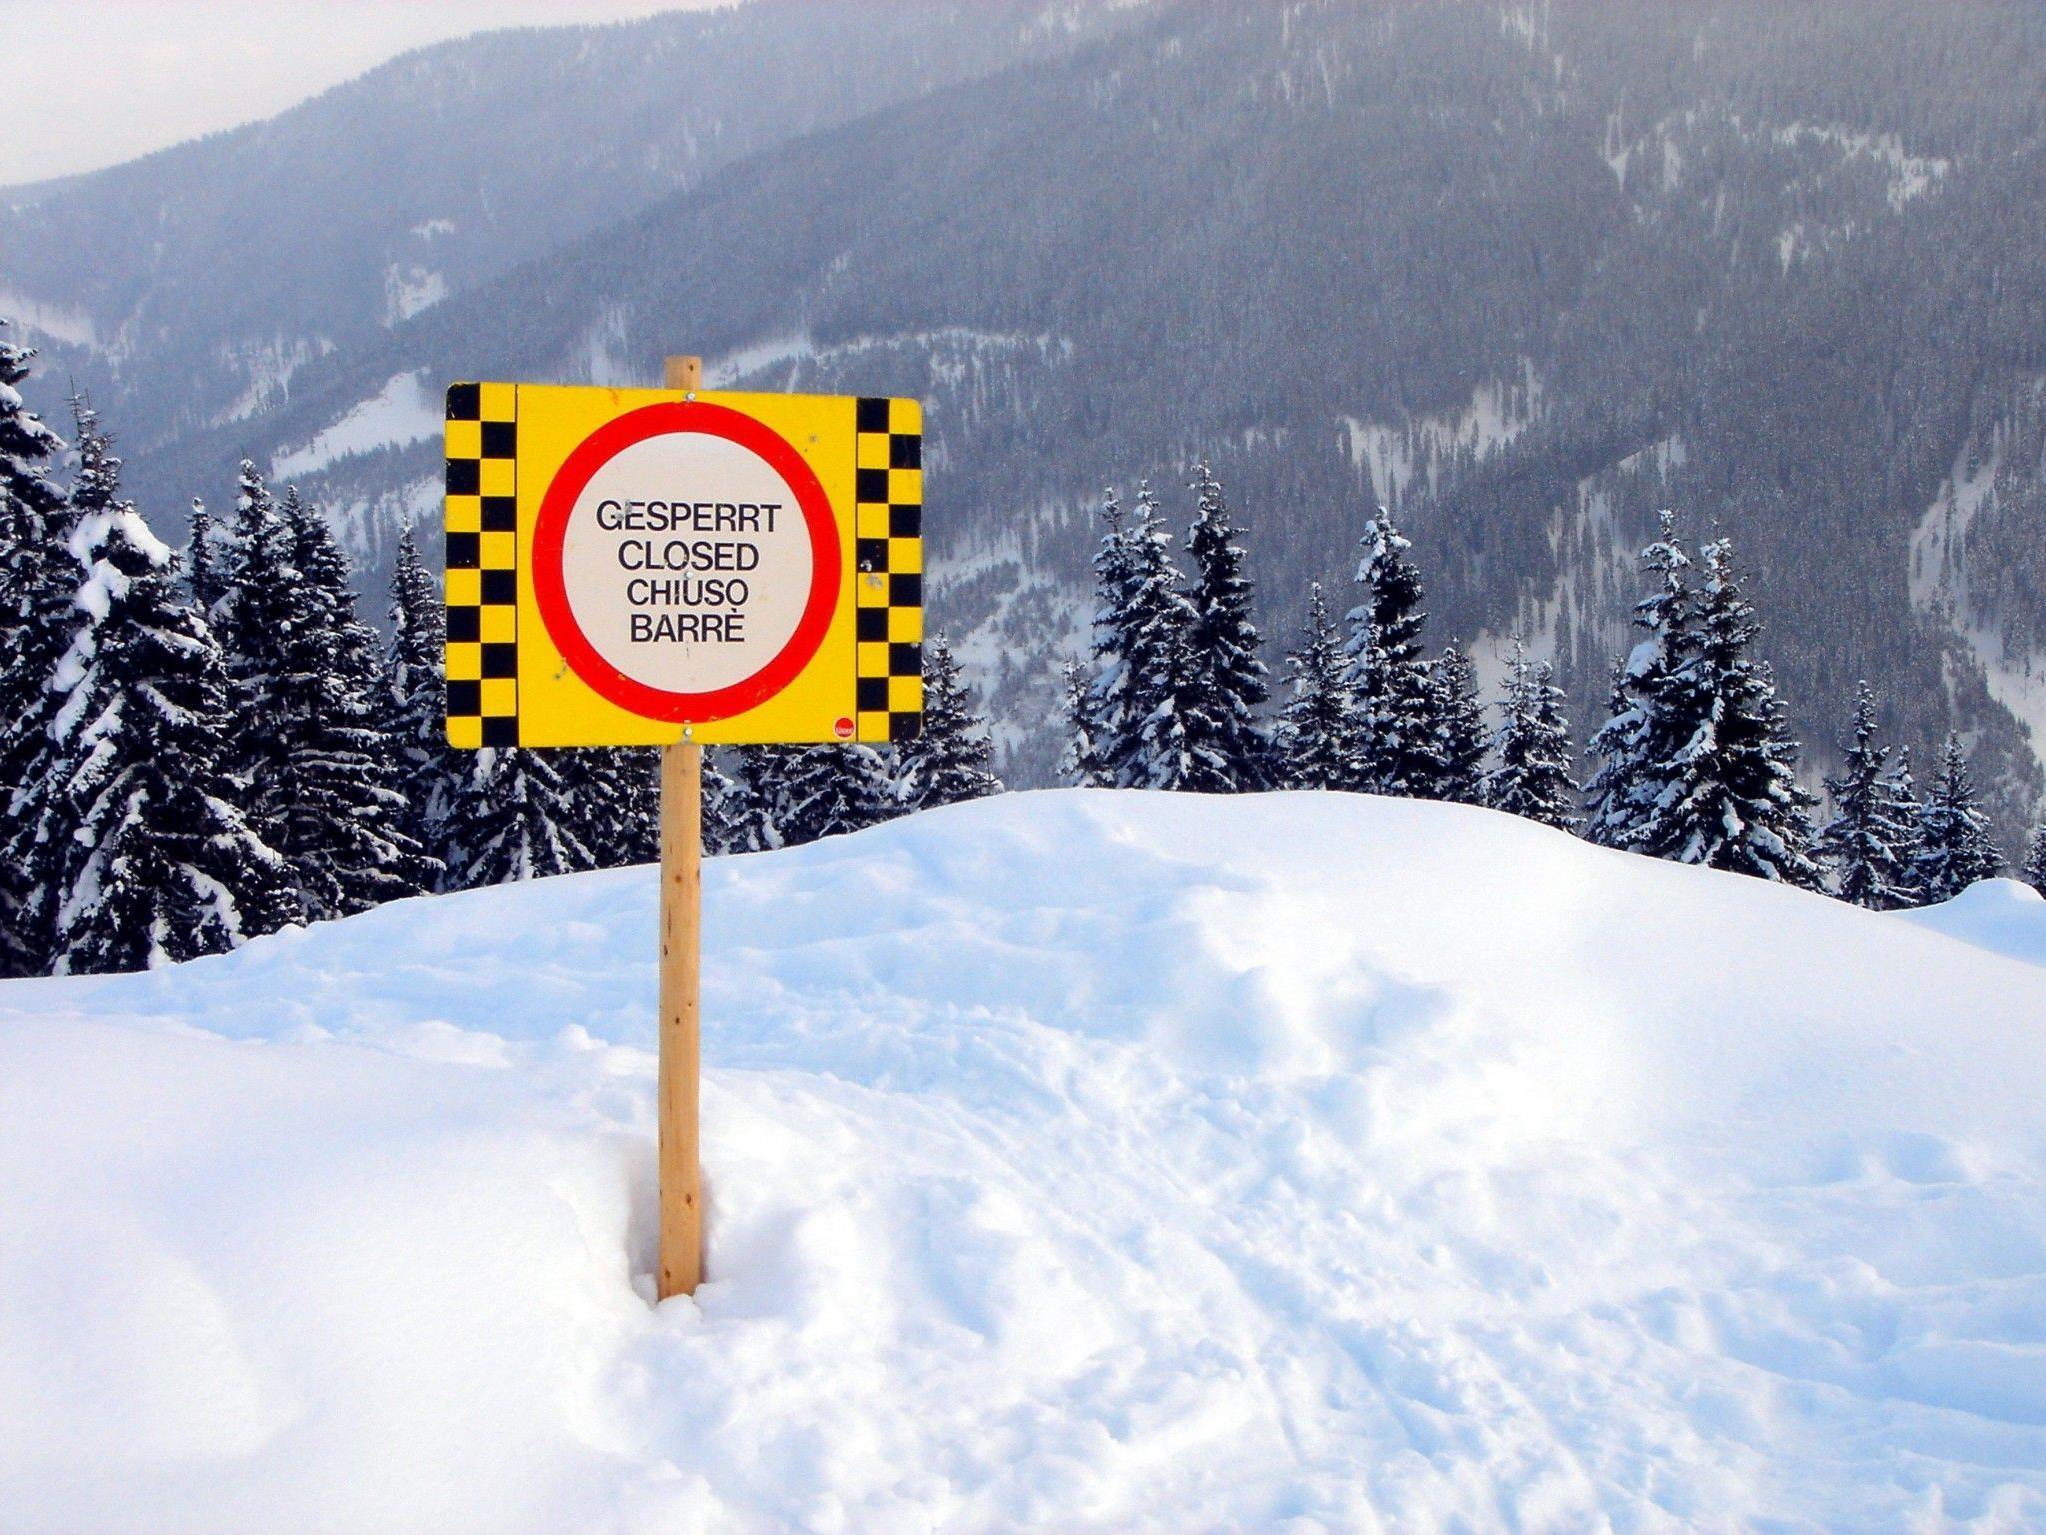 Trotz Warnung fuhren zwei Skifahrer in einen steilen Hang ein und lösten ein Schneebrett aus.